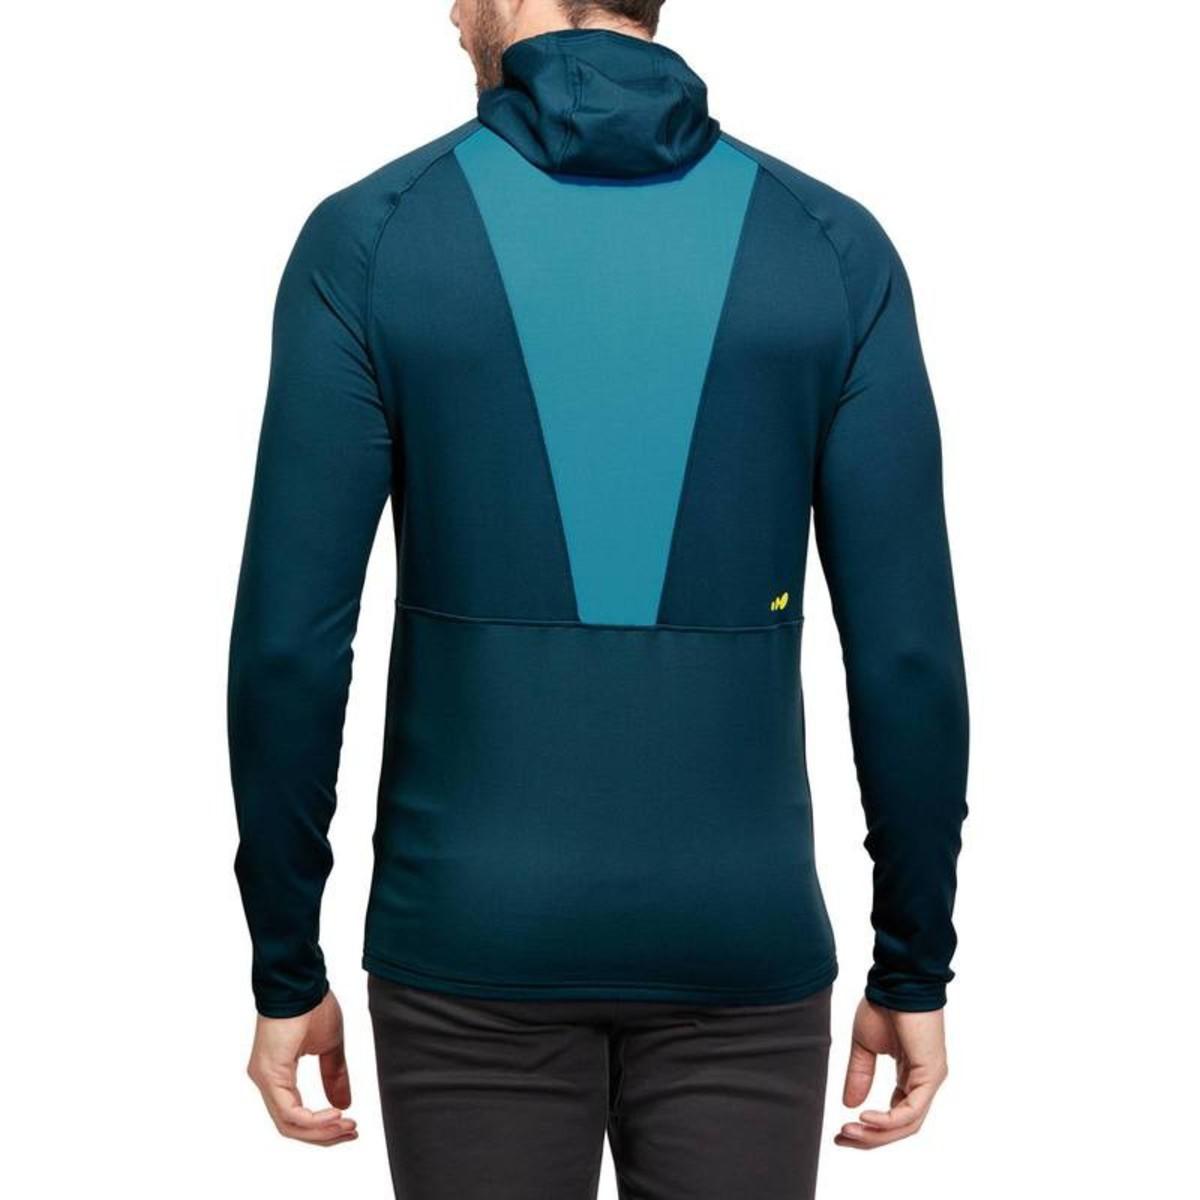 Bild 5 von WED´ZE Skiunterwäsche Funktionsshirt Freshwarm Neck Herren blau , Größe: S